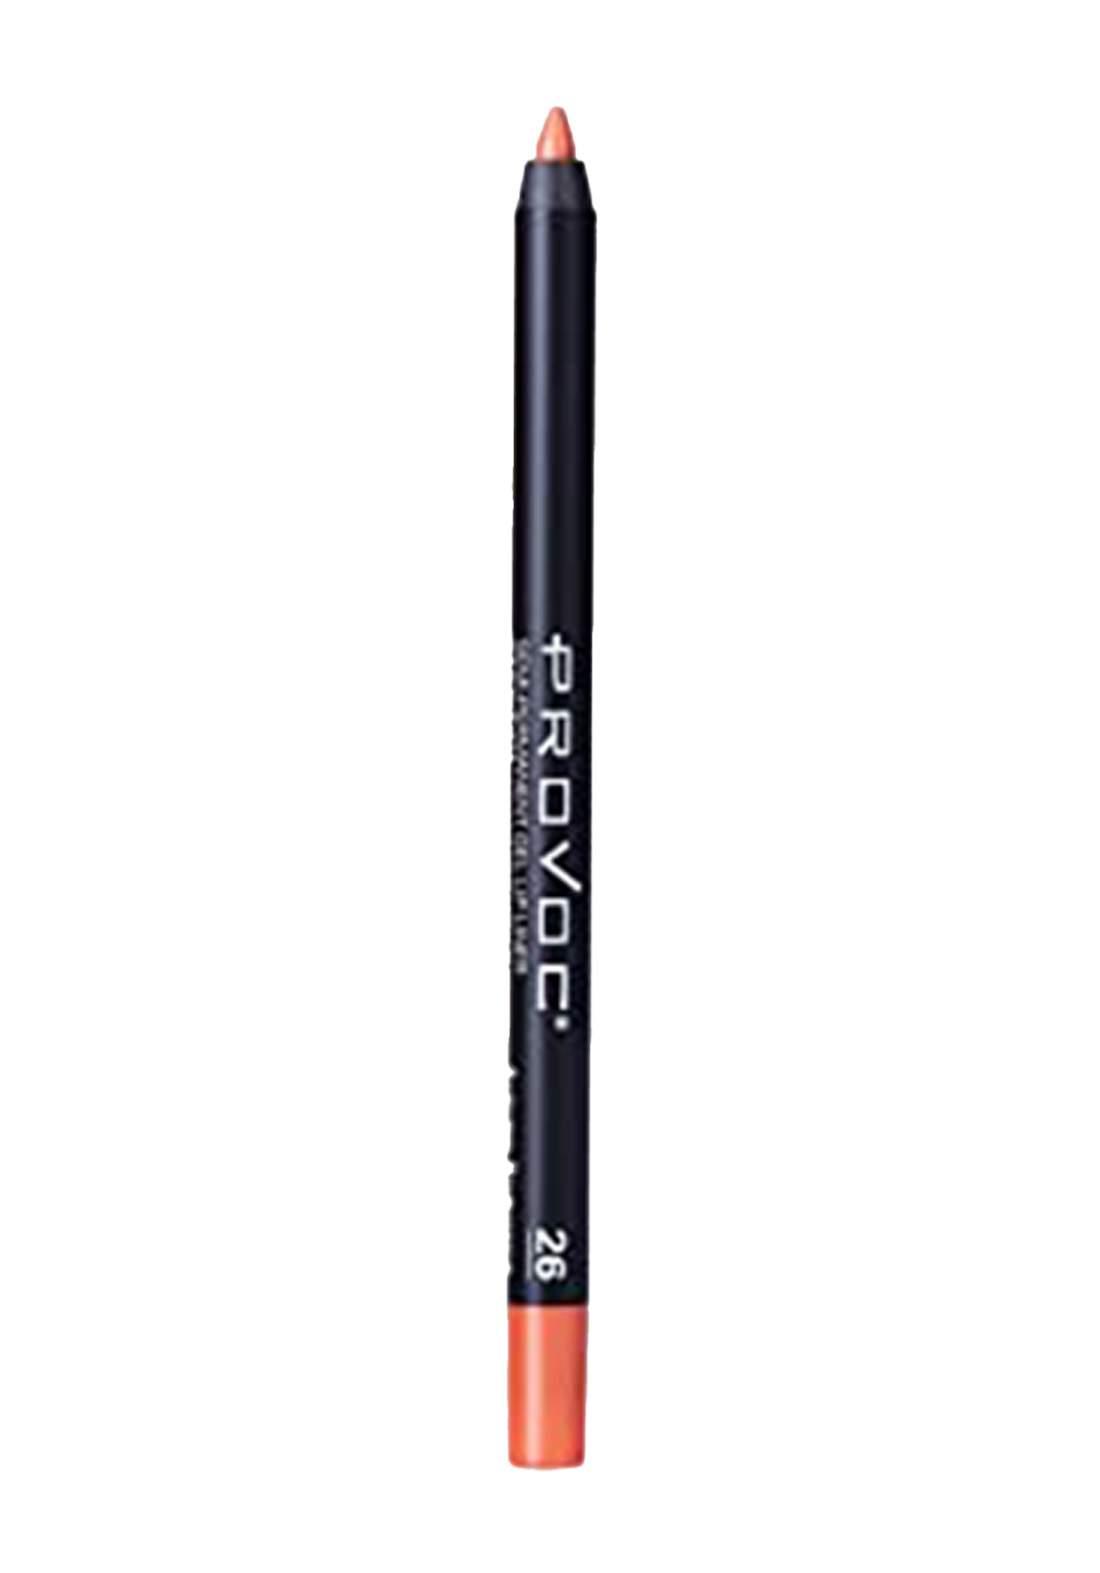 Provoc 353-0072 Semi-Permanent Gel Lip Liner Pencil No.26 محدد الشفاه